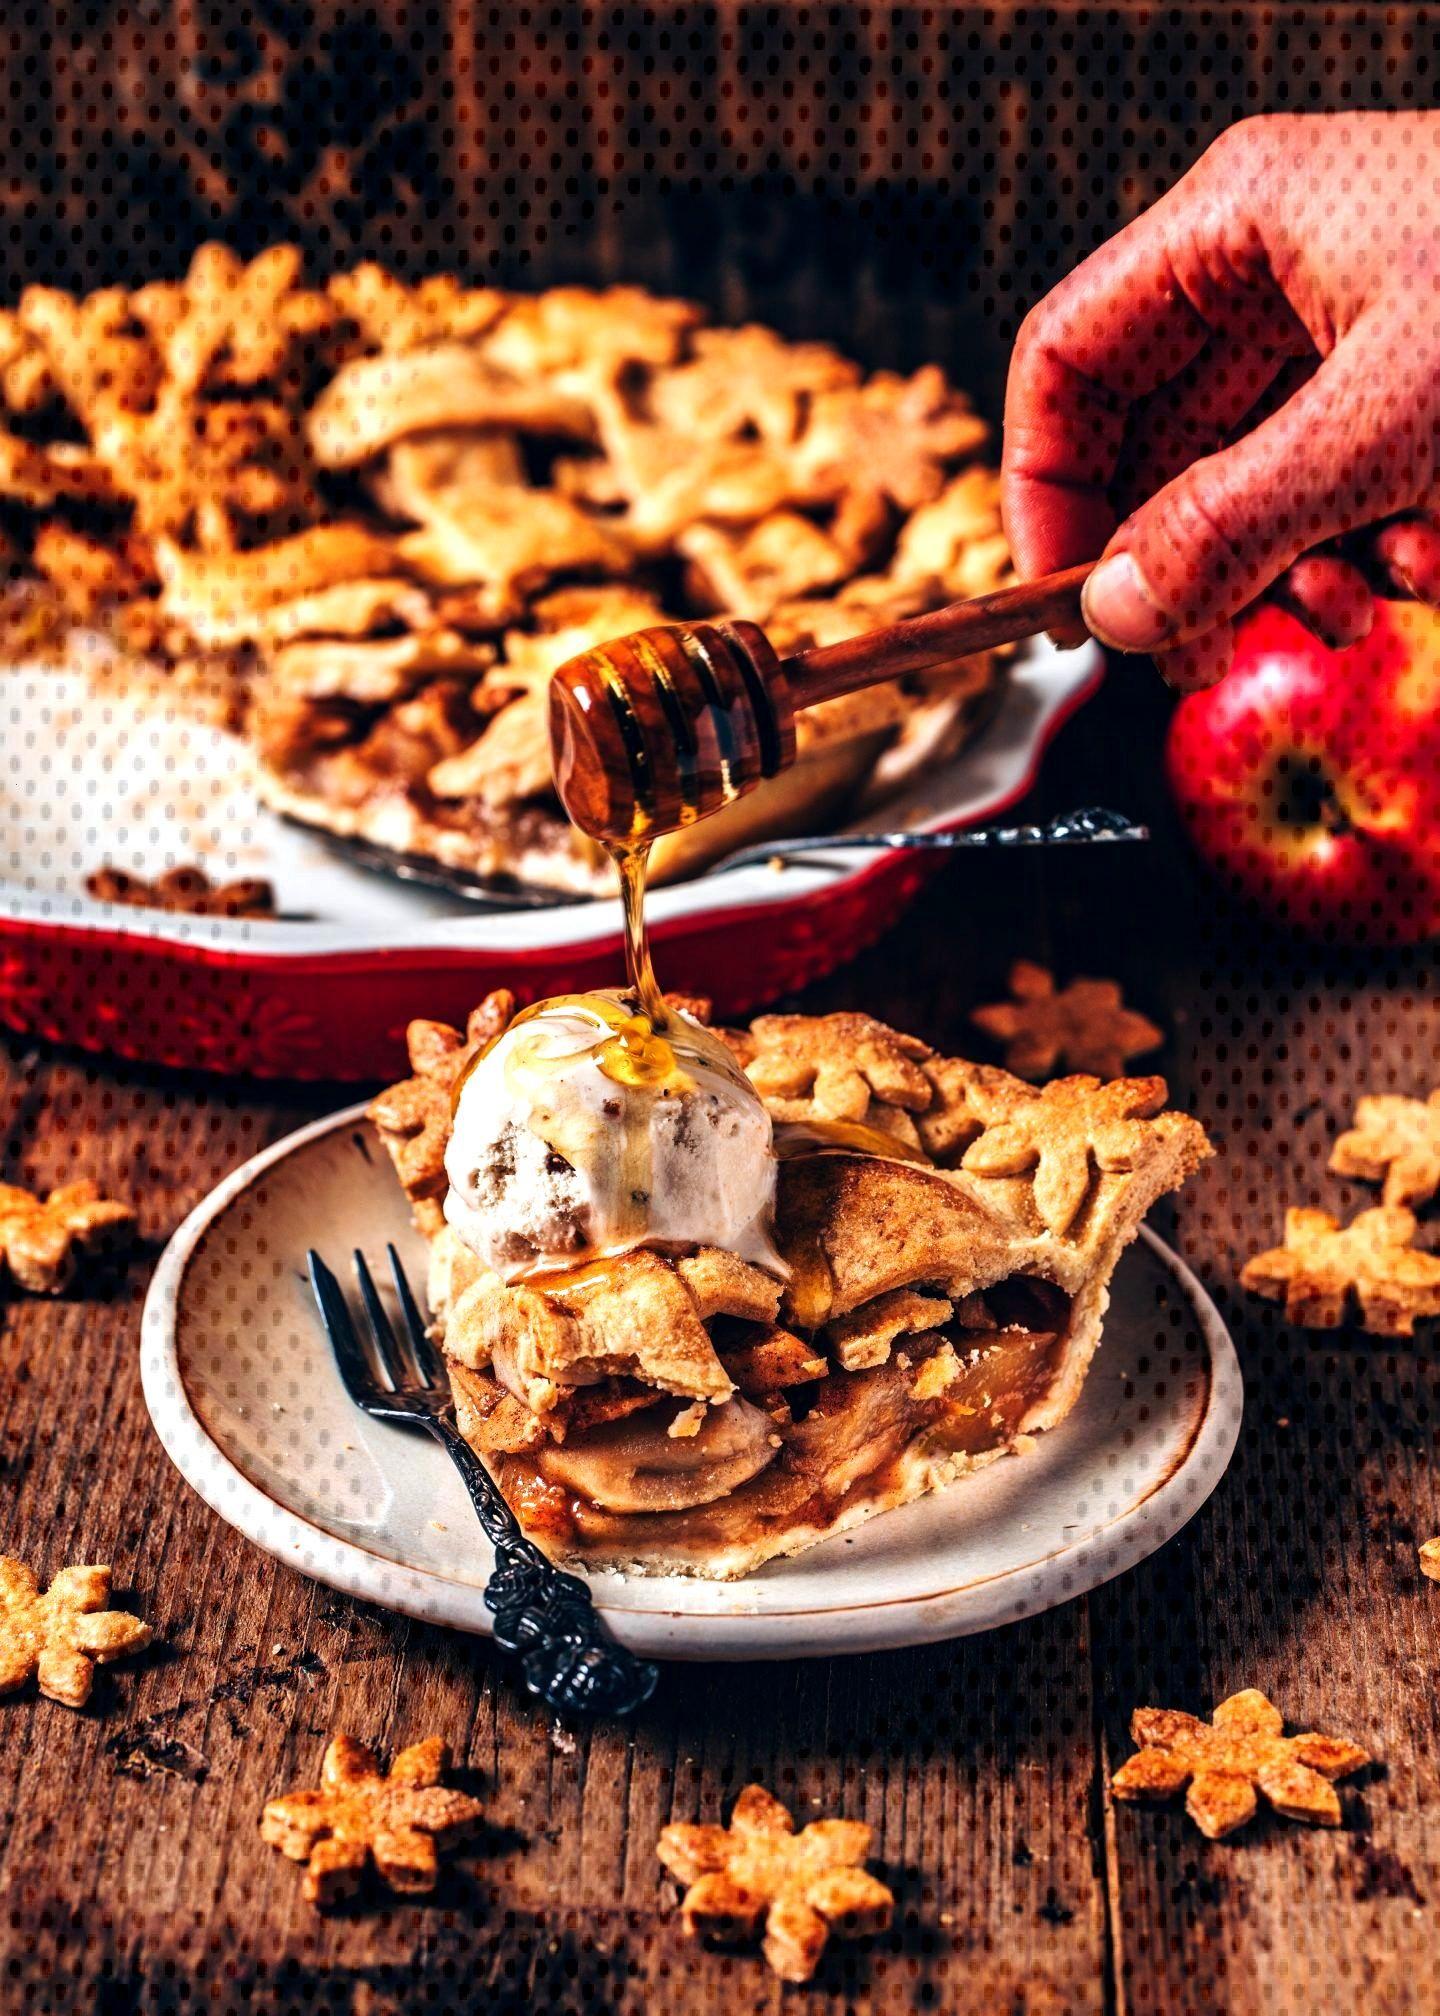 Apfelkuchen (Vegan Apple Pie) – einfaches Rezept recipes Apfelkuchen (Vegan Apple Pie) - einfache